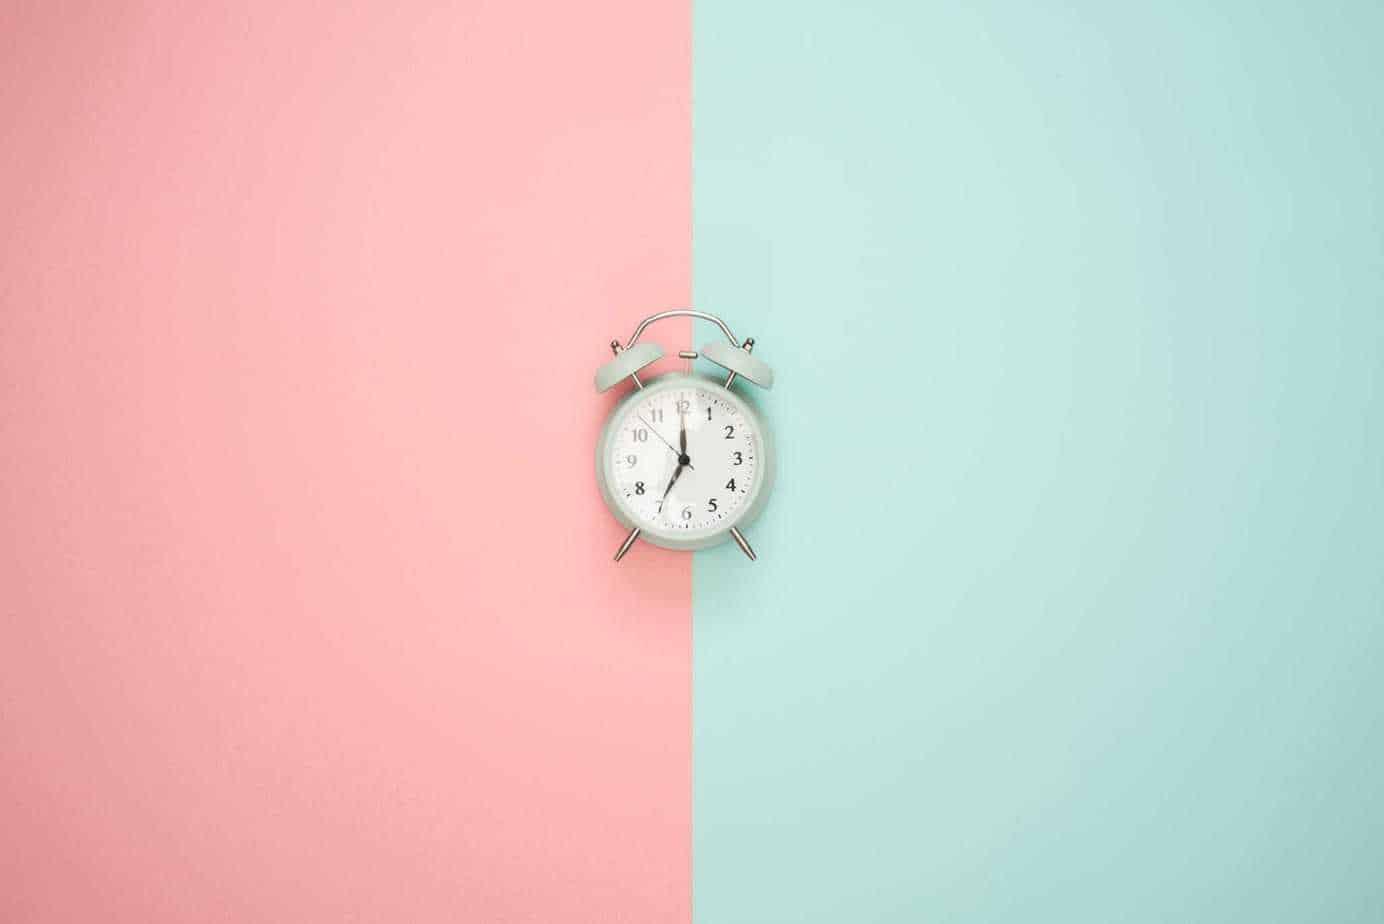 OptimizePress vs Thrive